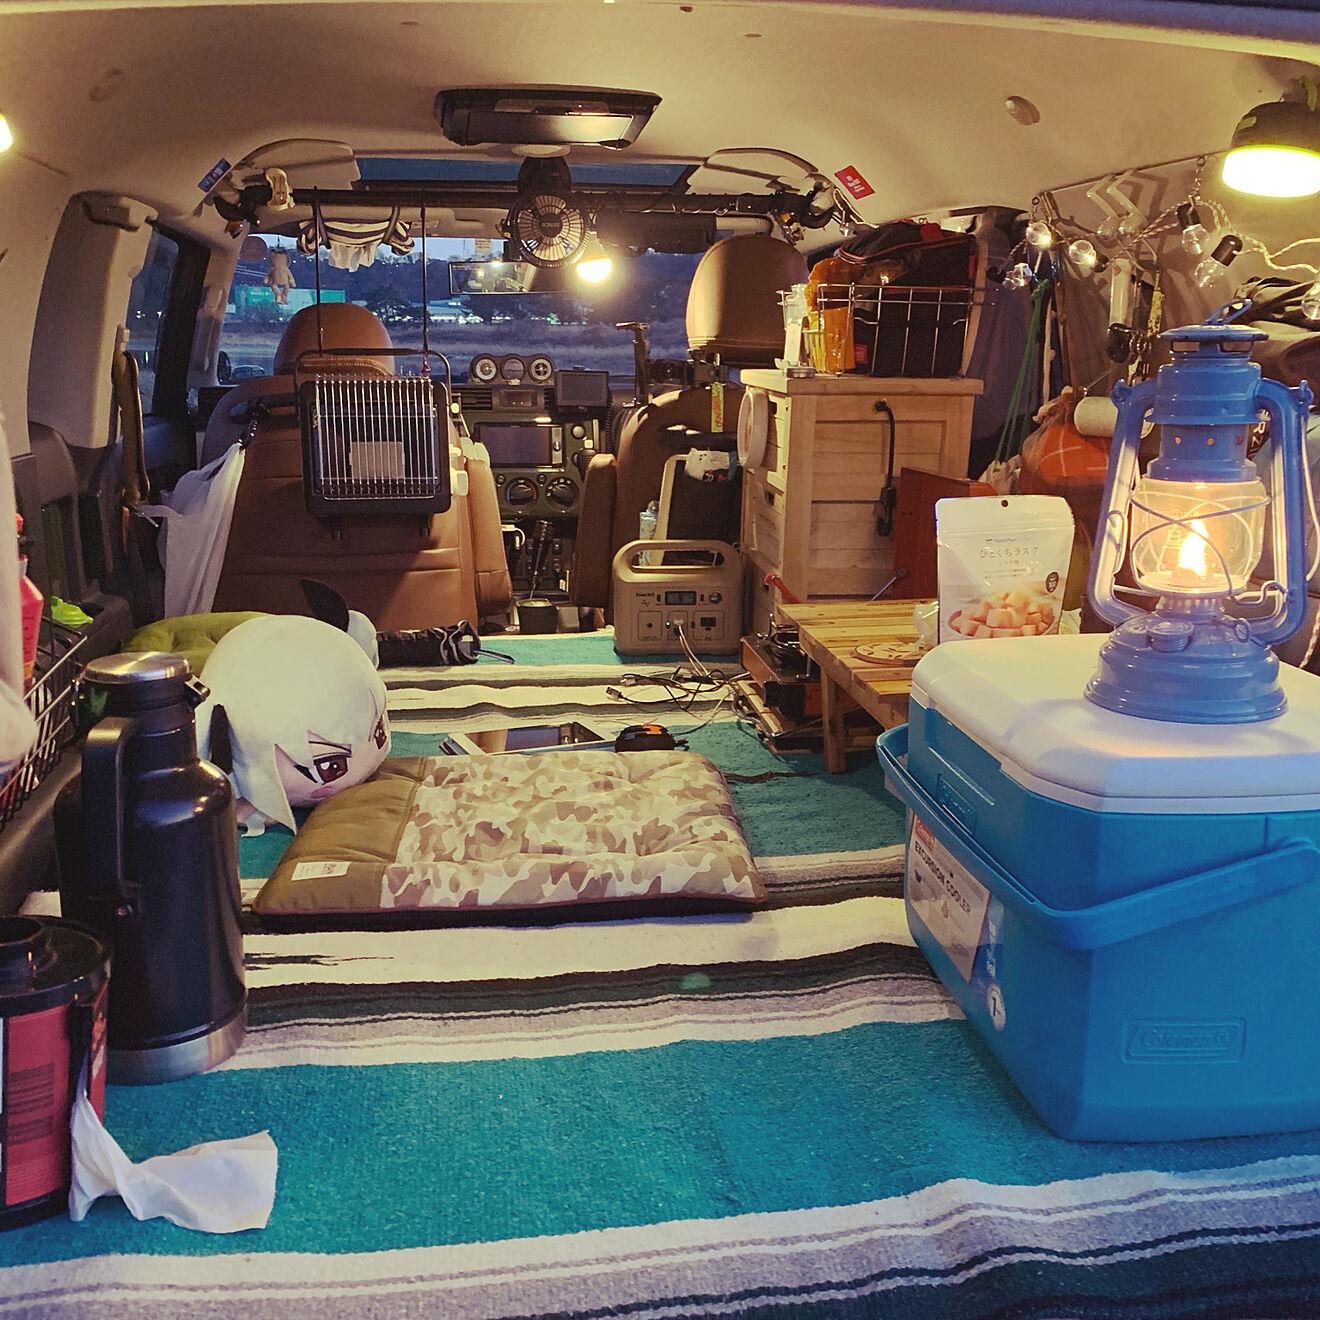 車中泊におすすめの車とは?初心者でも車中泊を楽しめる情報を徹底解説!